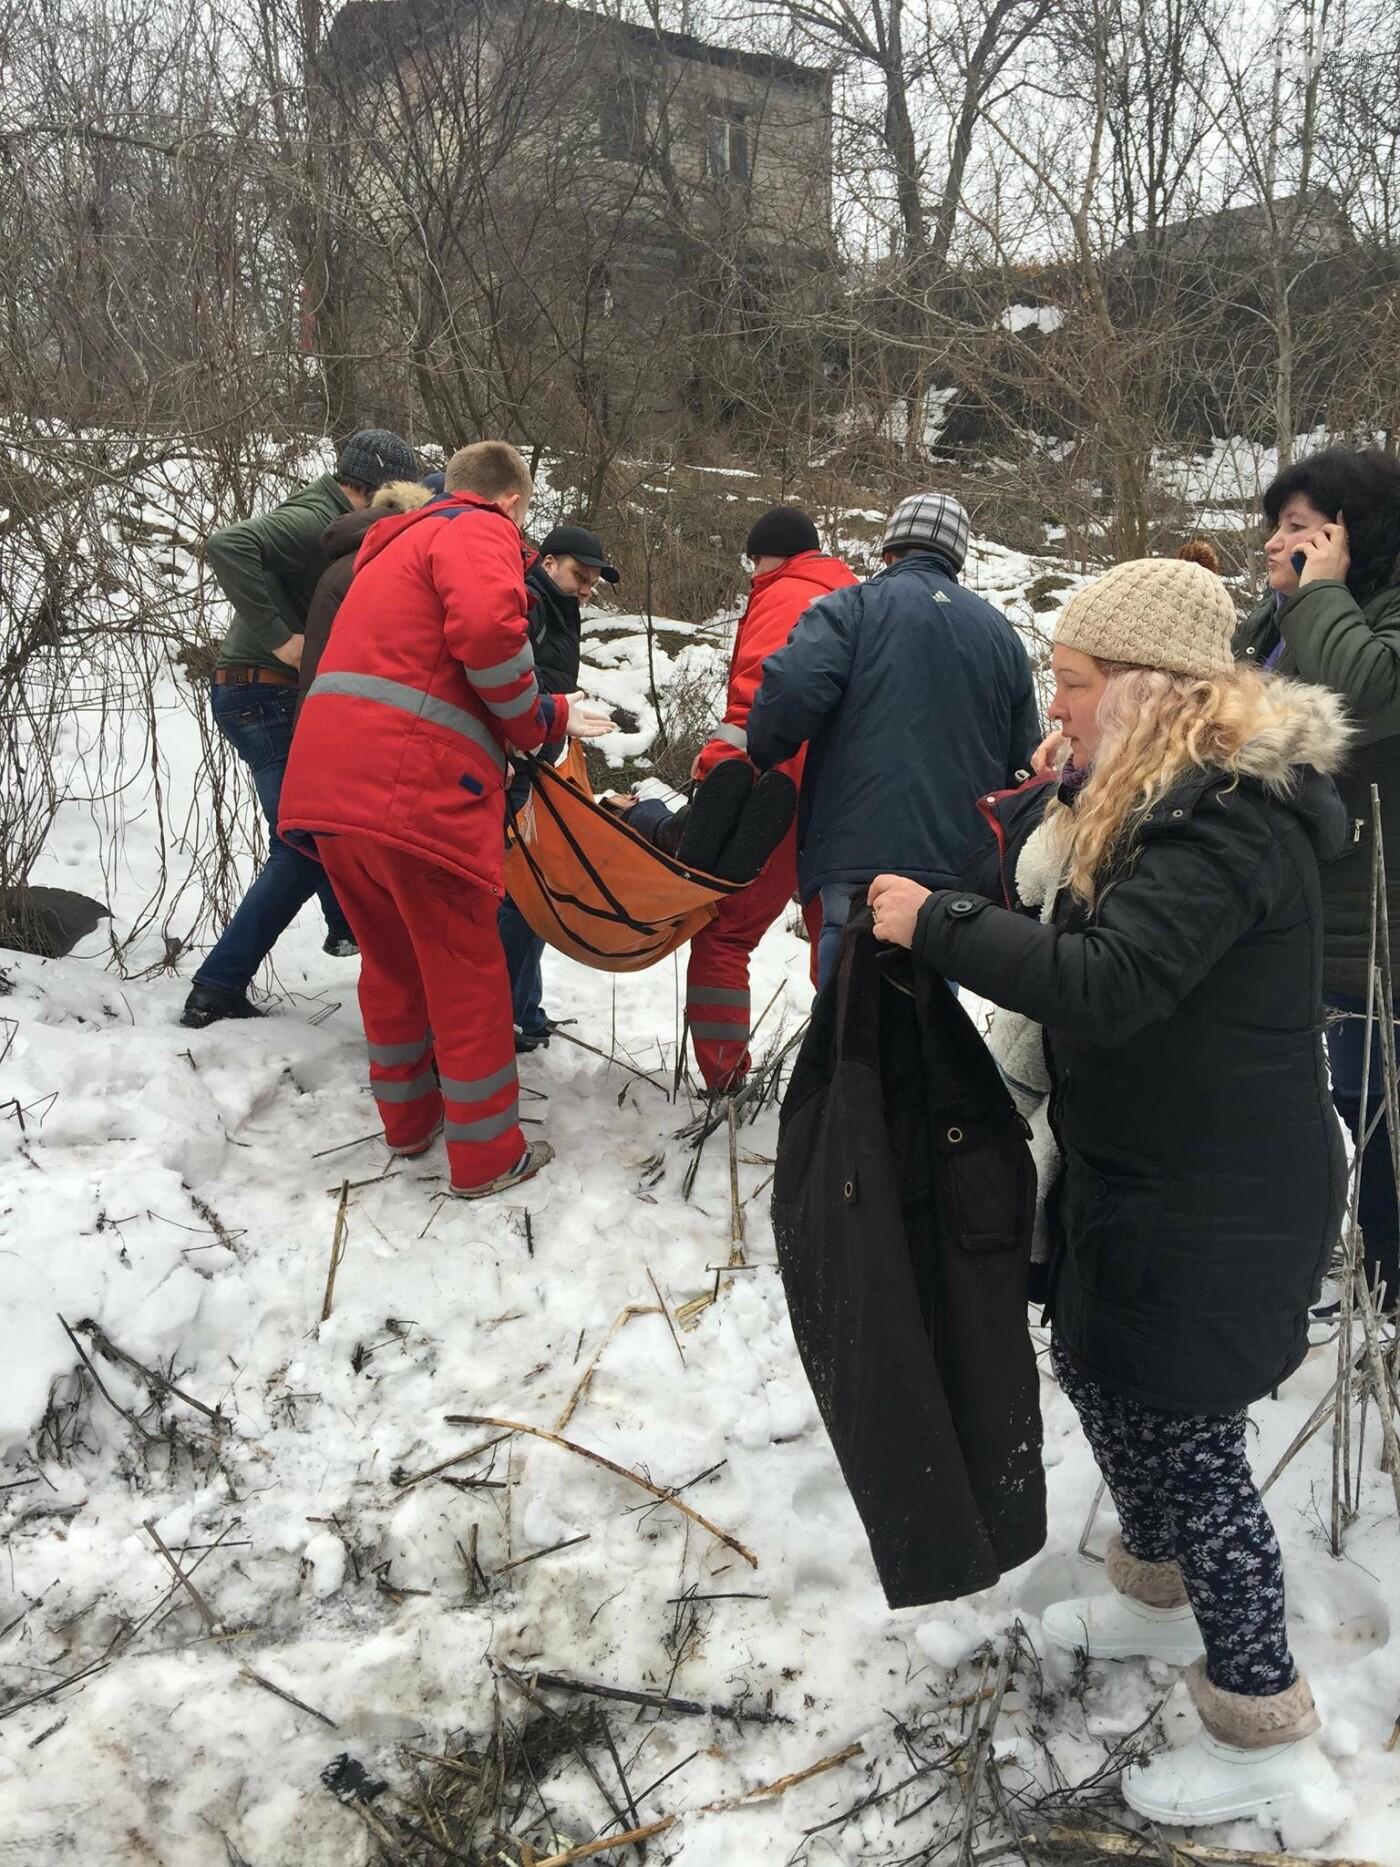 Неравнодушные жители Кривого Рога помогли в поисках мужчины, провалившегося в яму в районе станции скоростного трамвая (ФОТО), фото-3